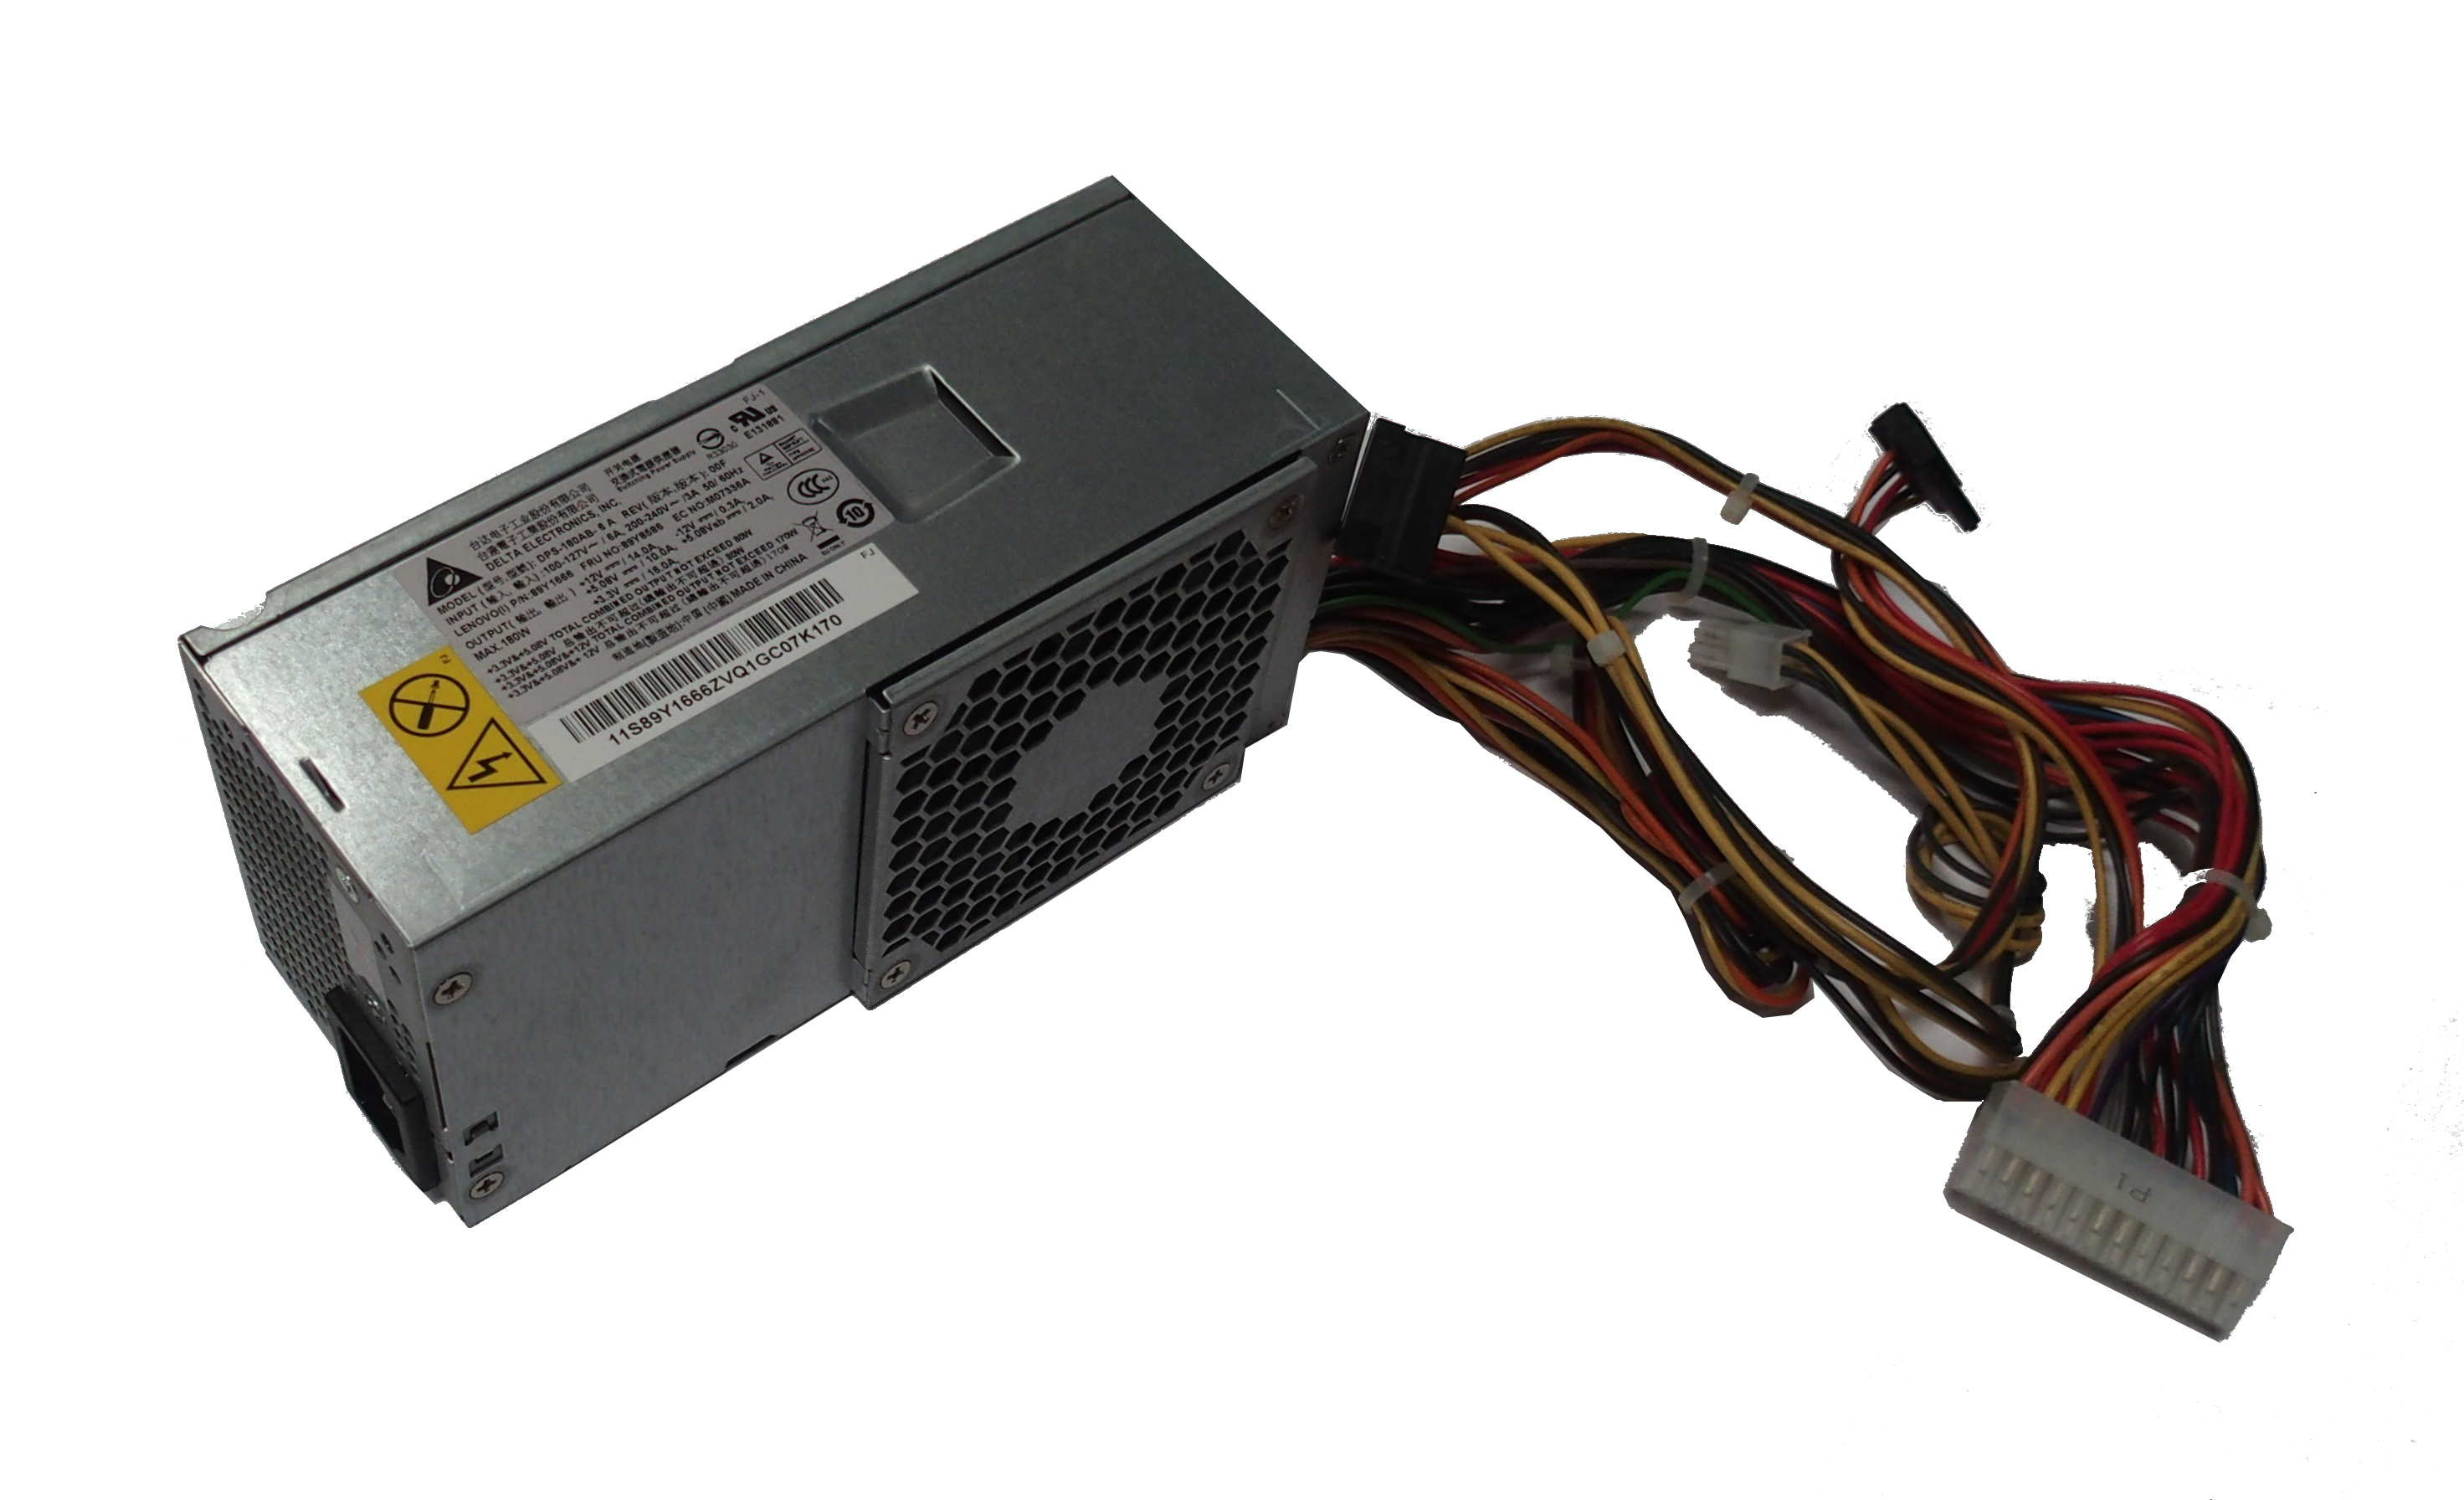 Lenovo 89Y8586 DPS-180AB-6 A 180W 24-Pin Power Supply- 89Y1666